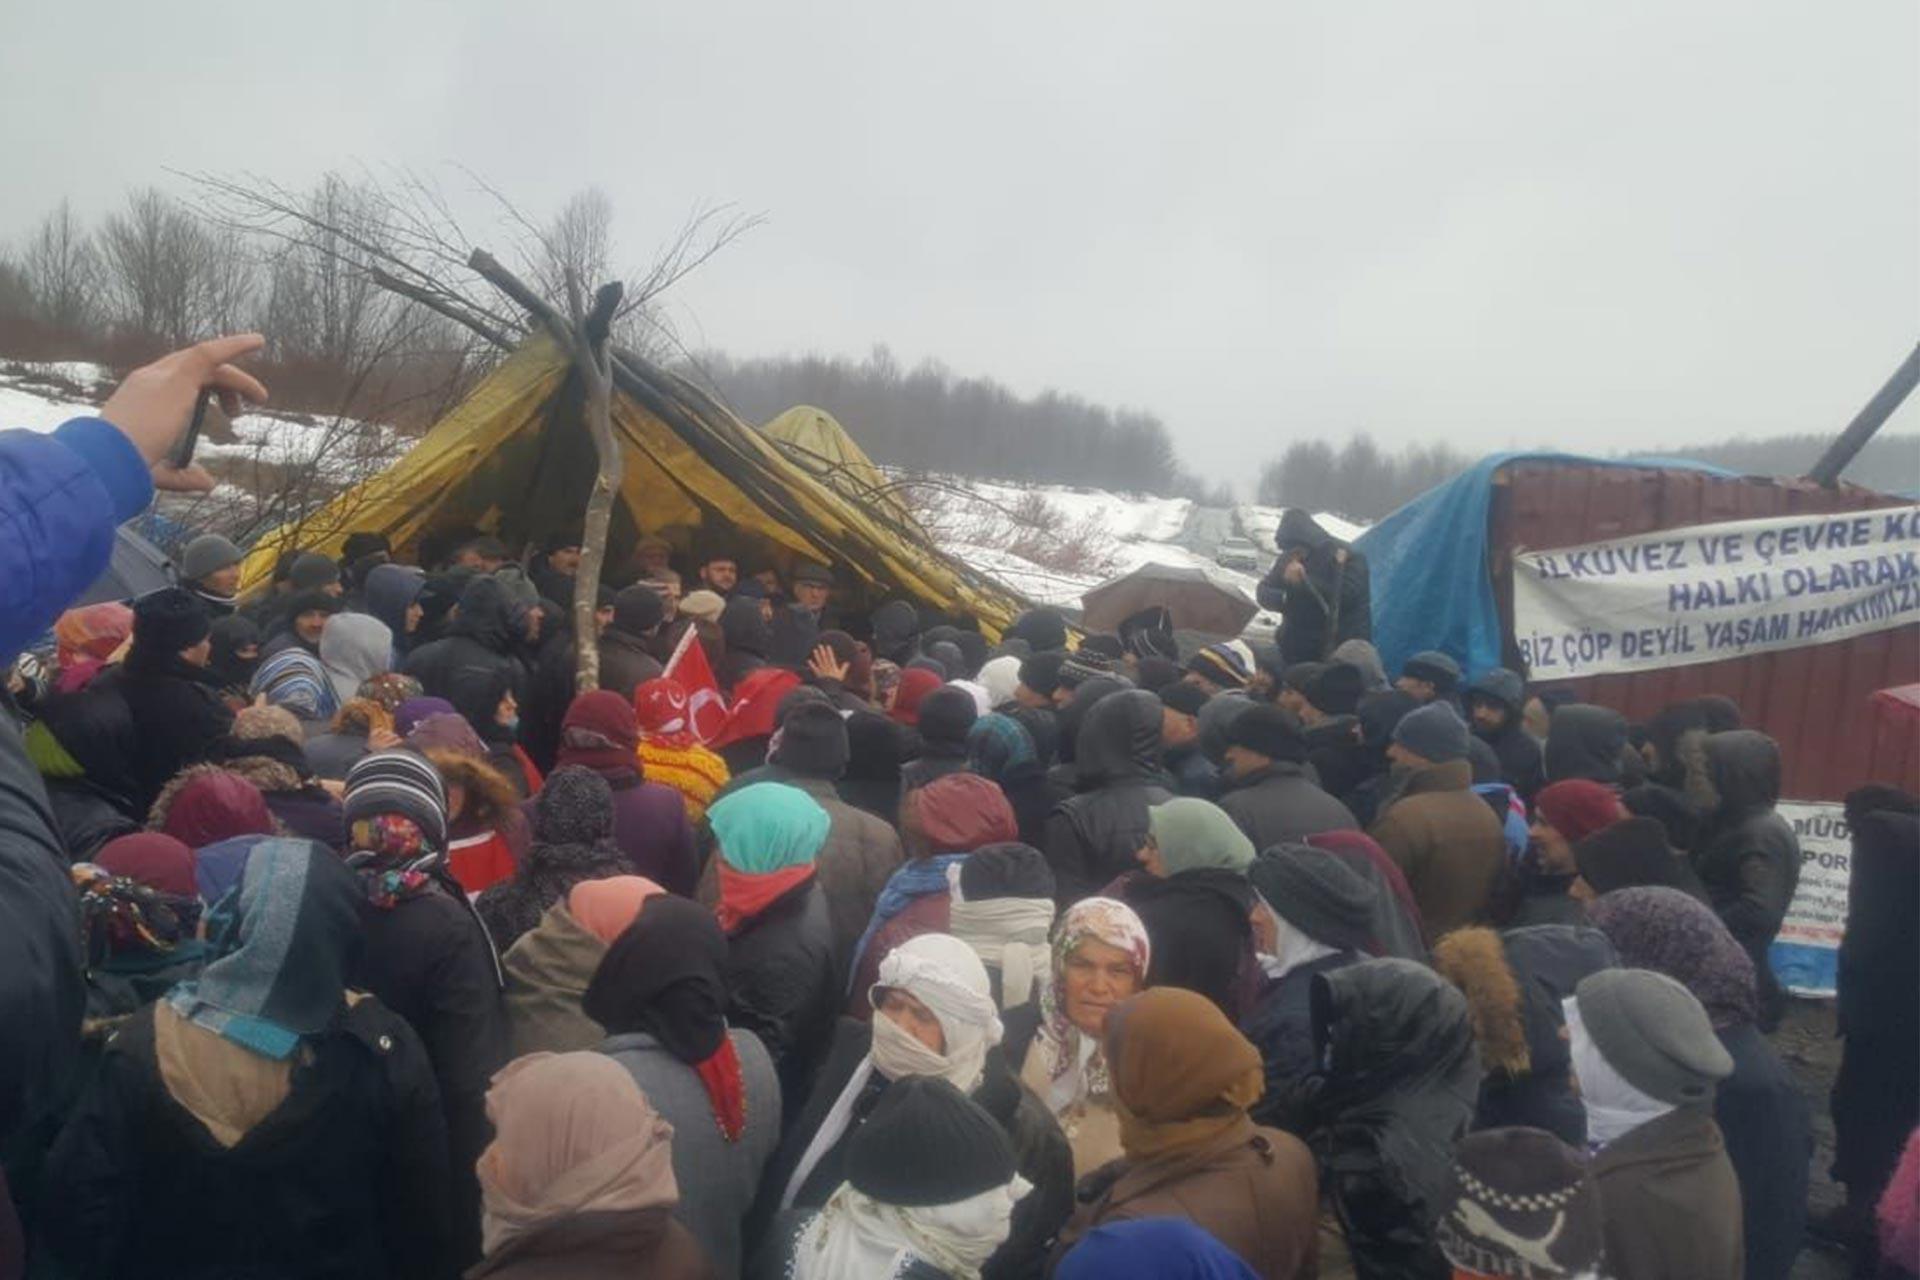 Ordu İlküvez'de halk çöp tesisine karşı direniyor